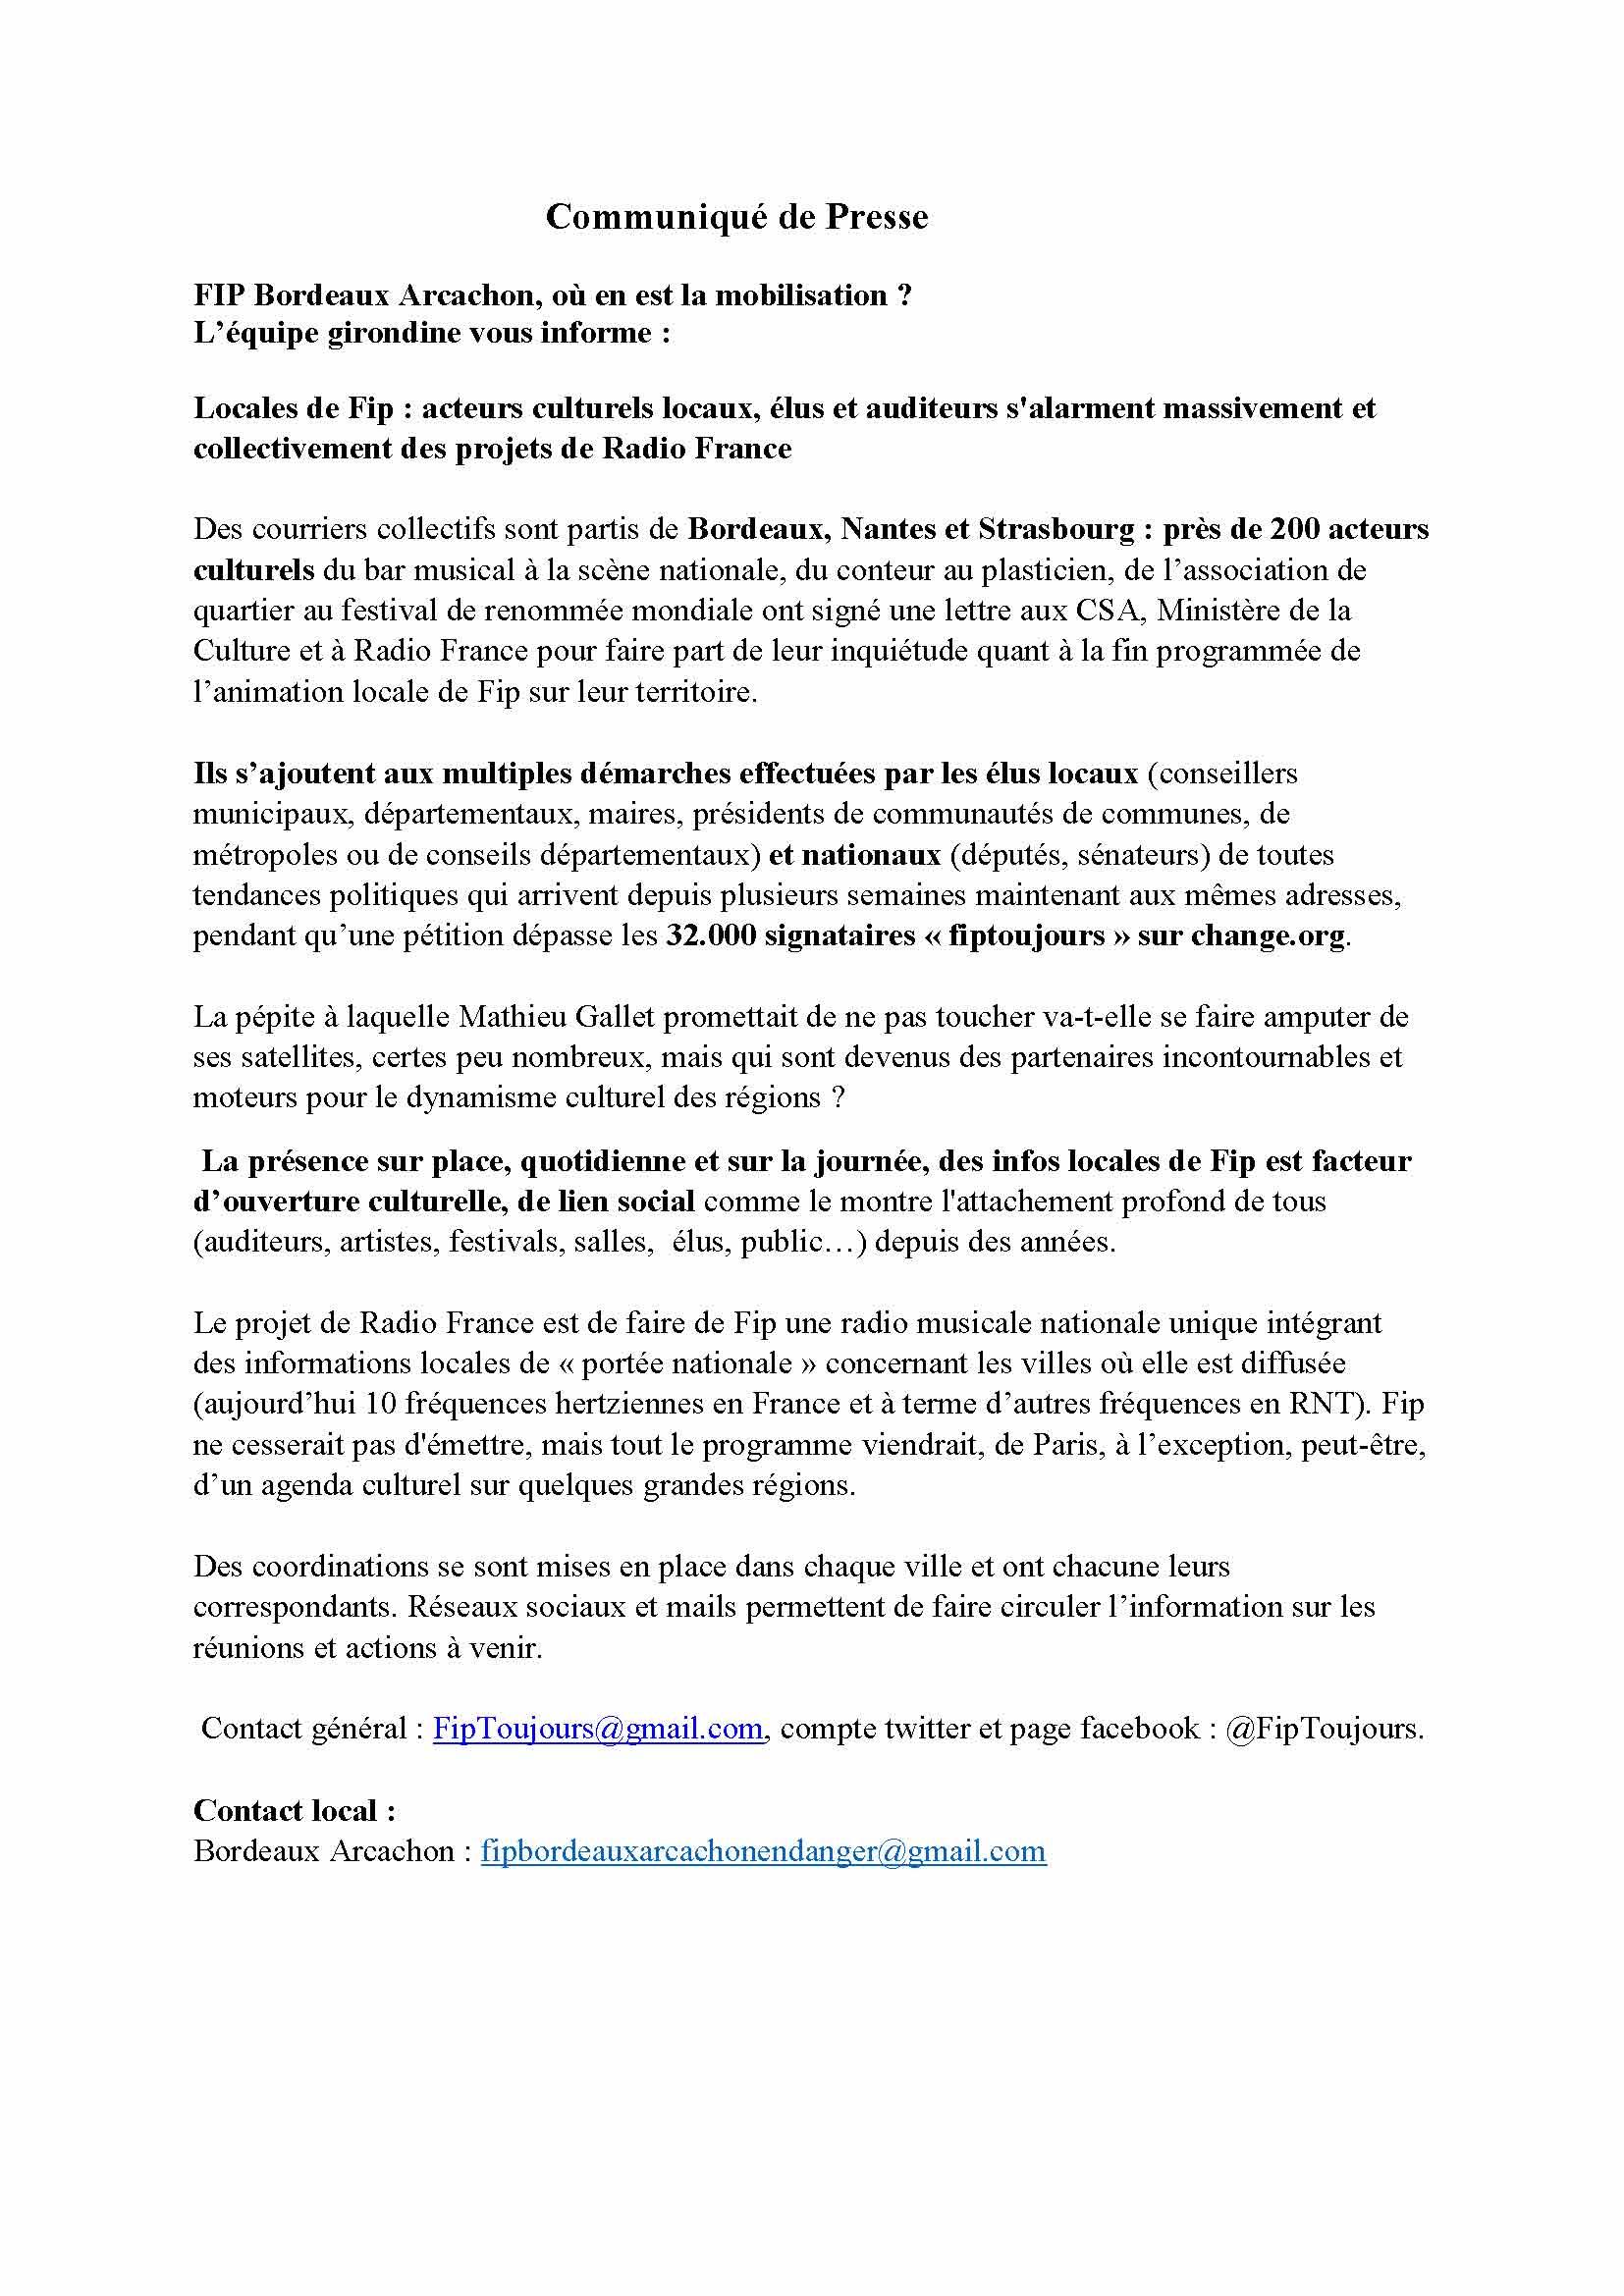 communique-presse-fip-bordeaux-20-mars